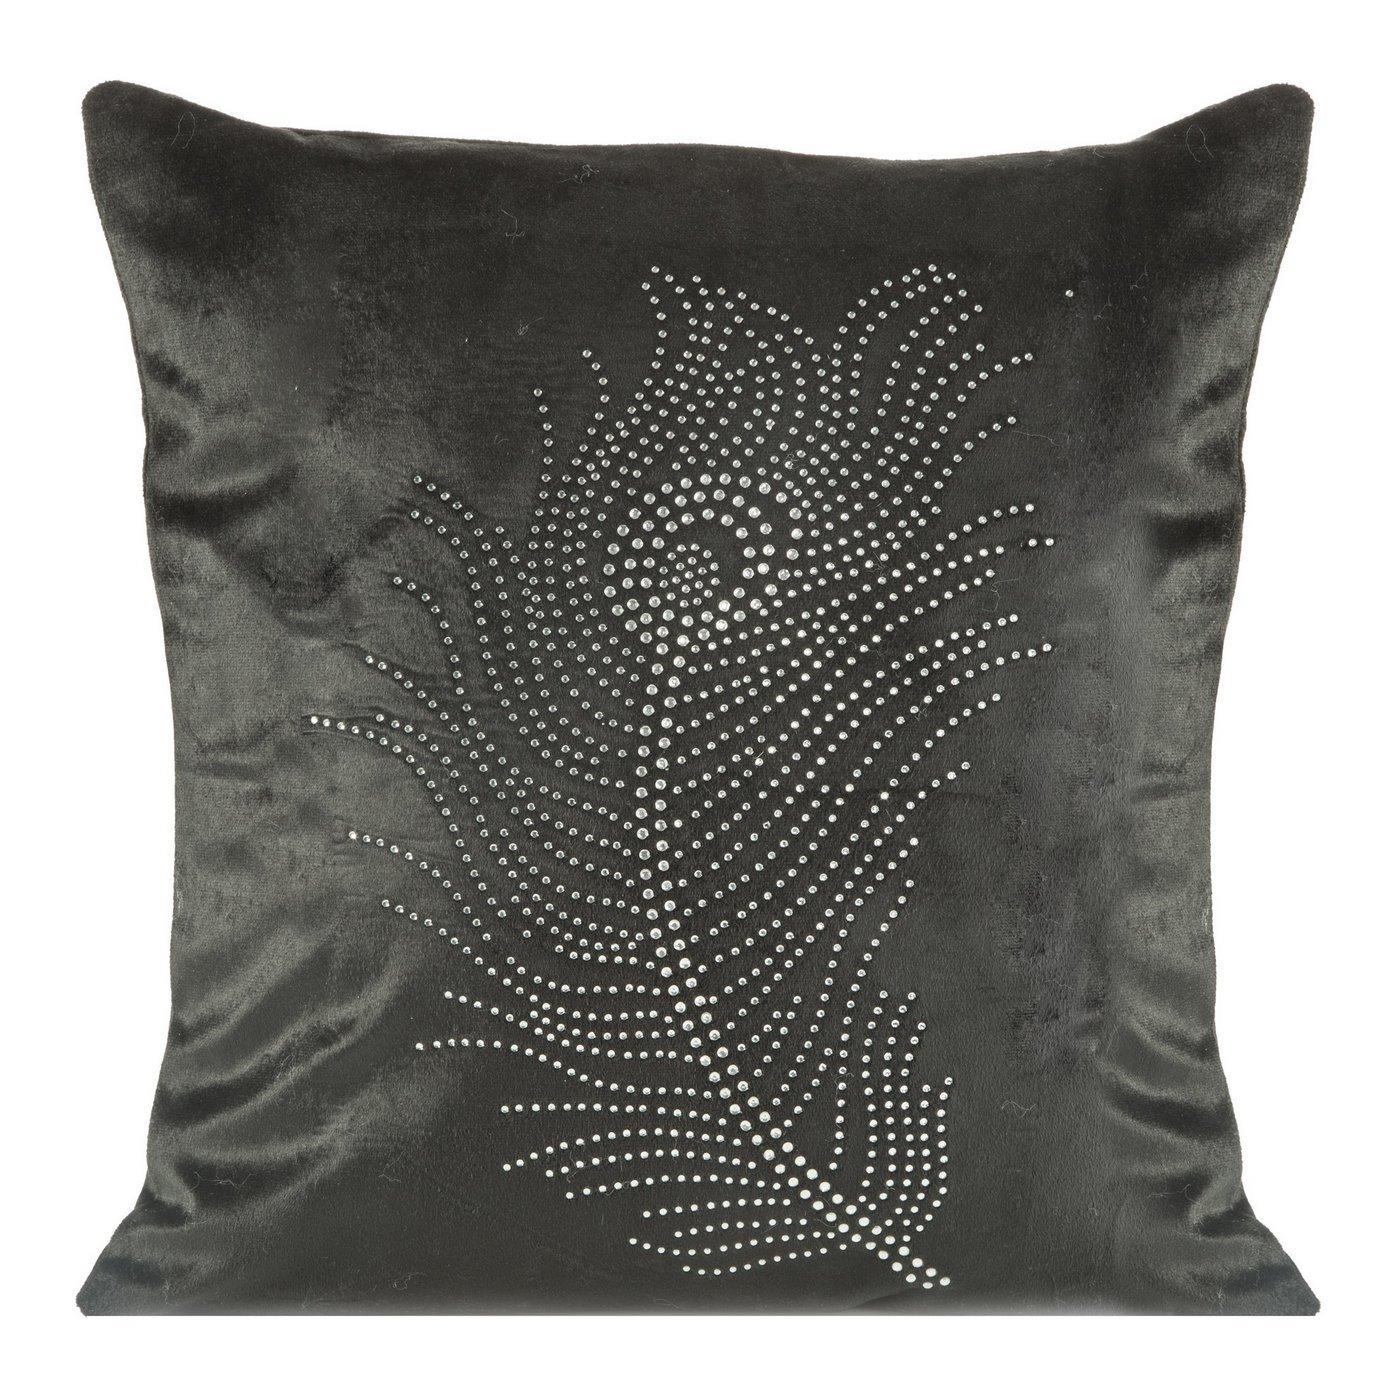 Poszewka na poduszkę 40 x 40 cm czarna pióro